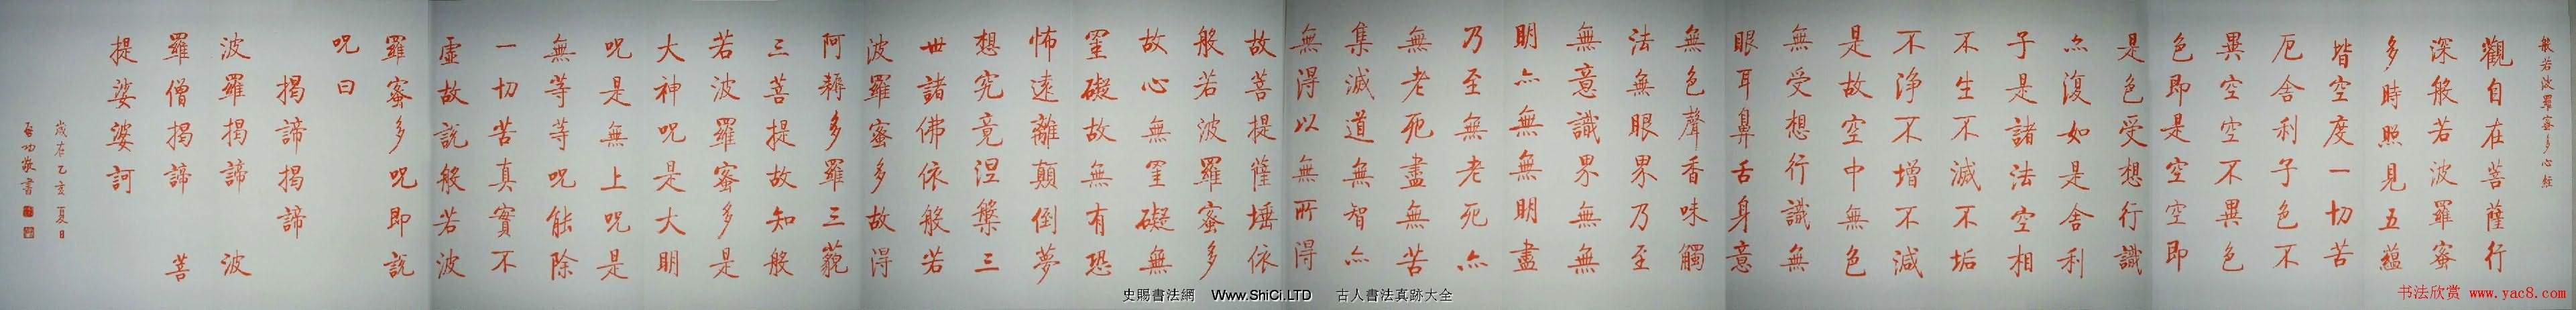 啟功硃筆小楷作品真跡《心經》(共7張圖片)